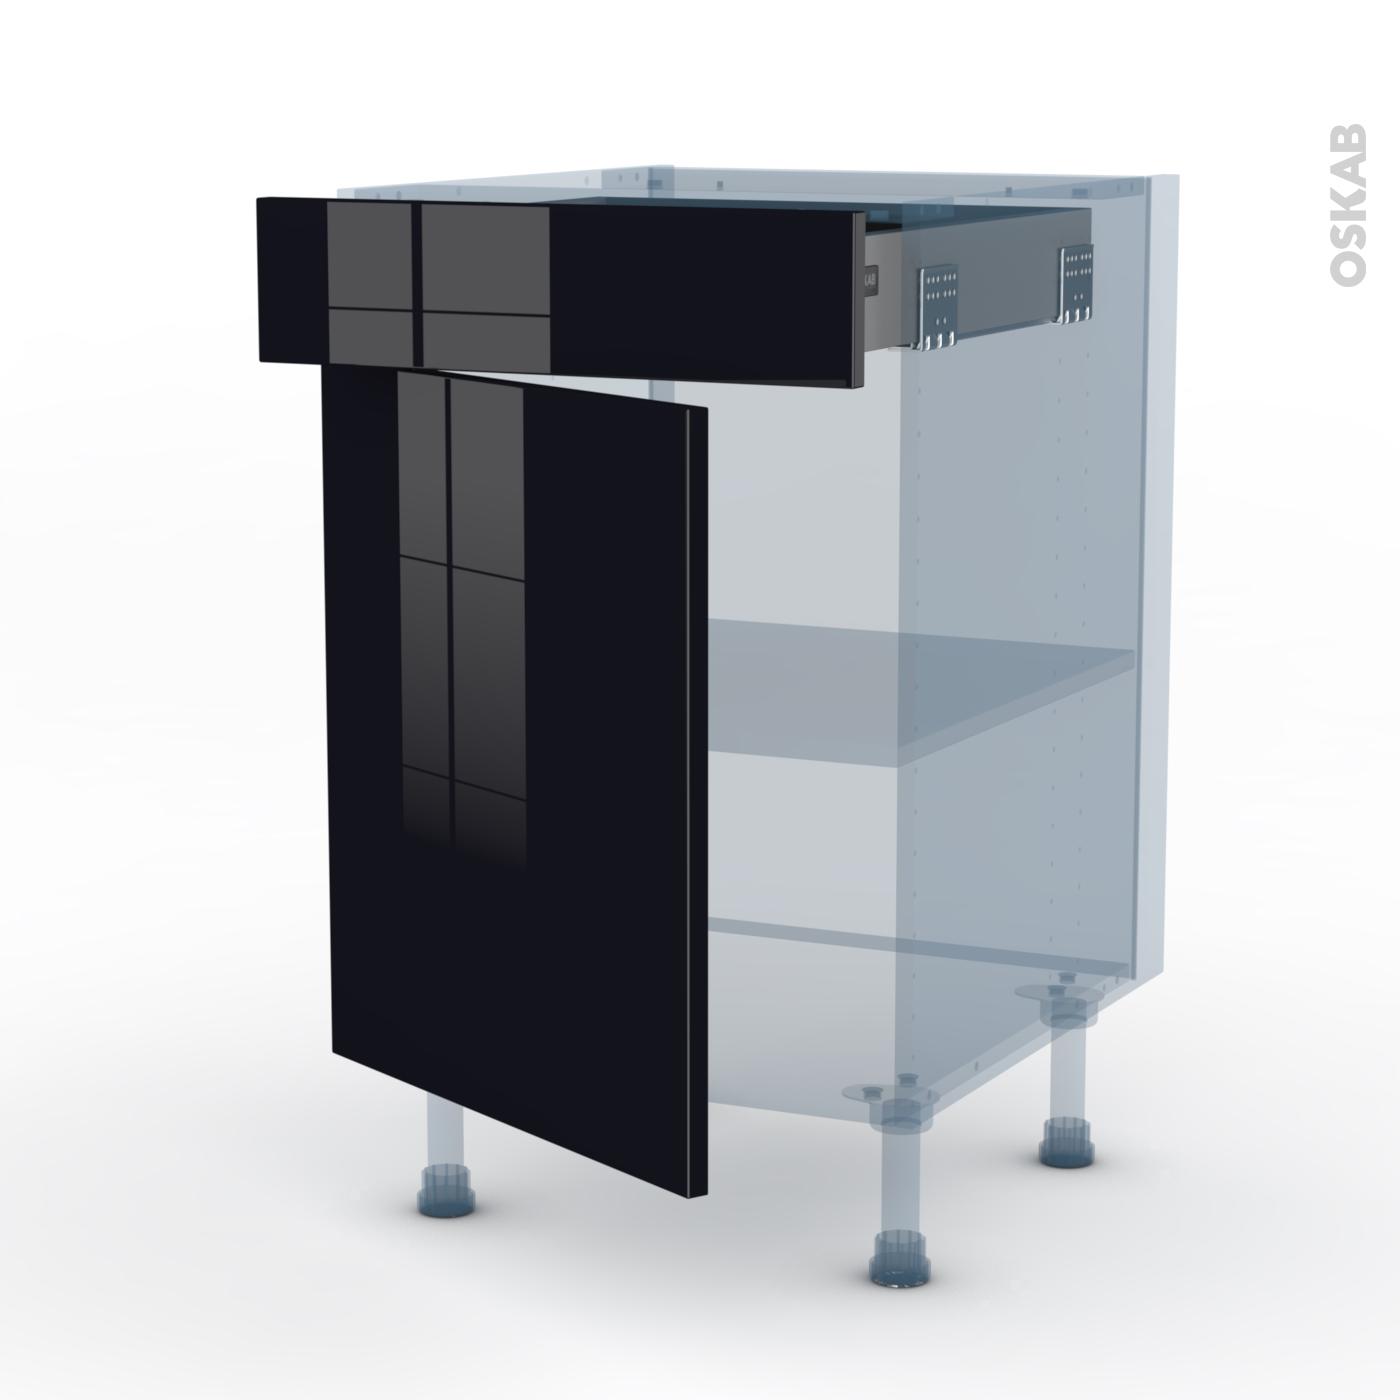 Meuble Cuisine Noir Pas Cher keria noir kit rénovation 18 meuble bas cuisine , 1 porte 1 tiroir,  l50xh70xp60